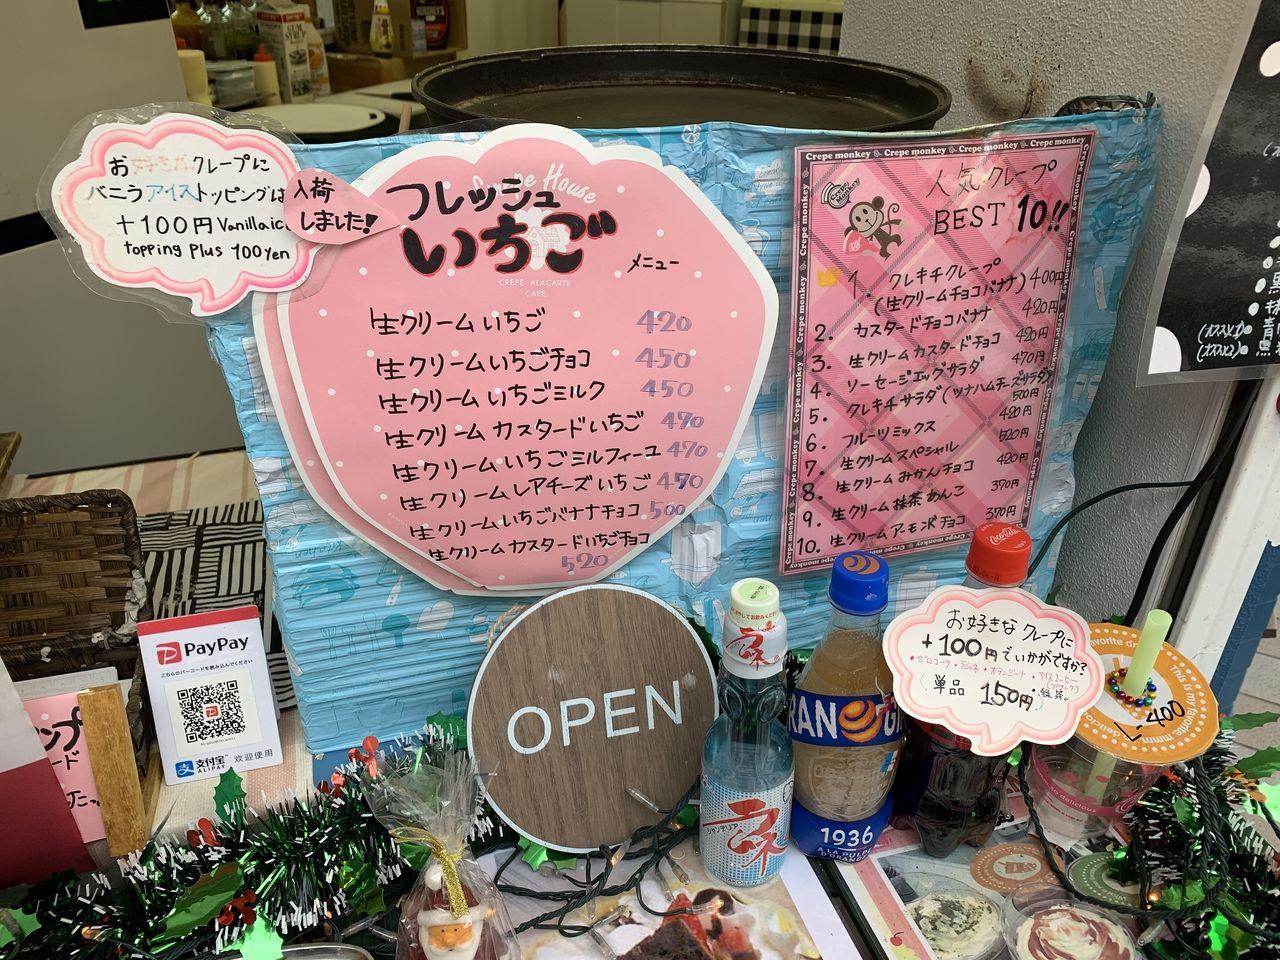 クレープモンキー 南海住之江駅前本店メニュー